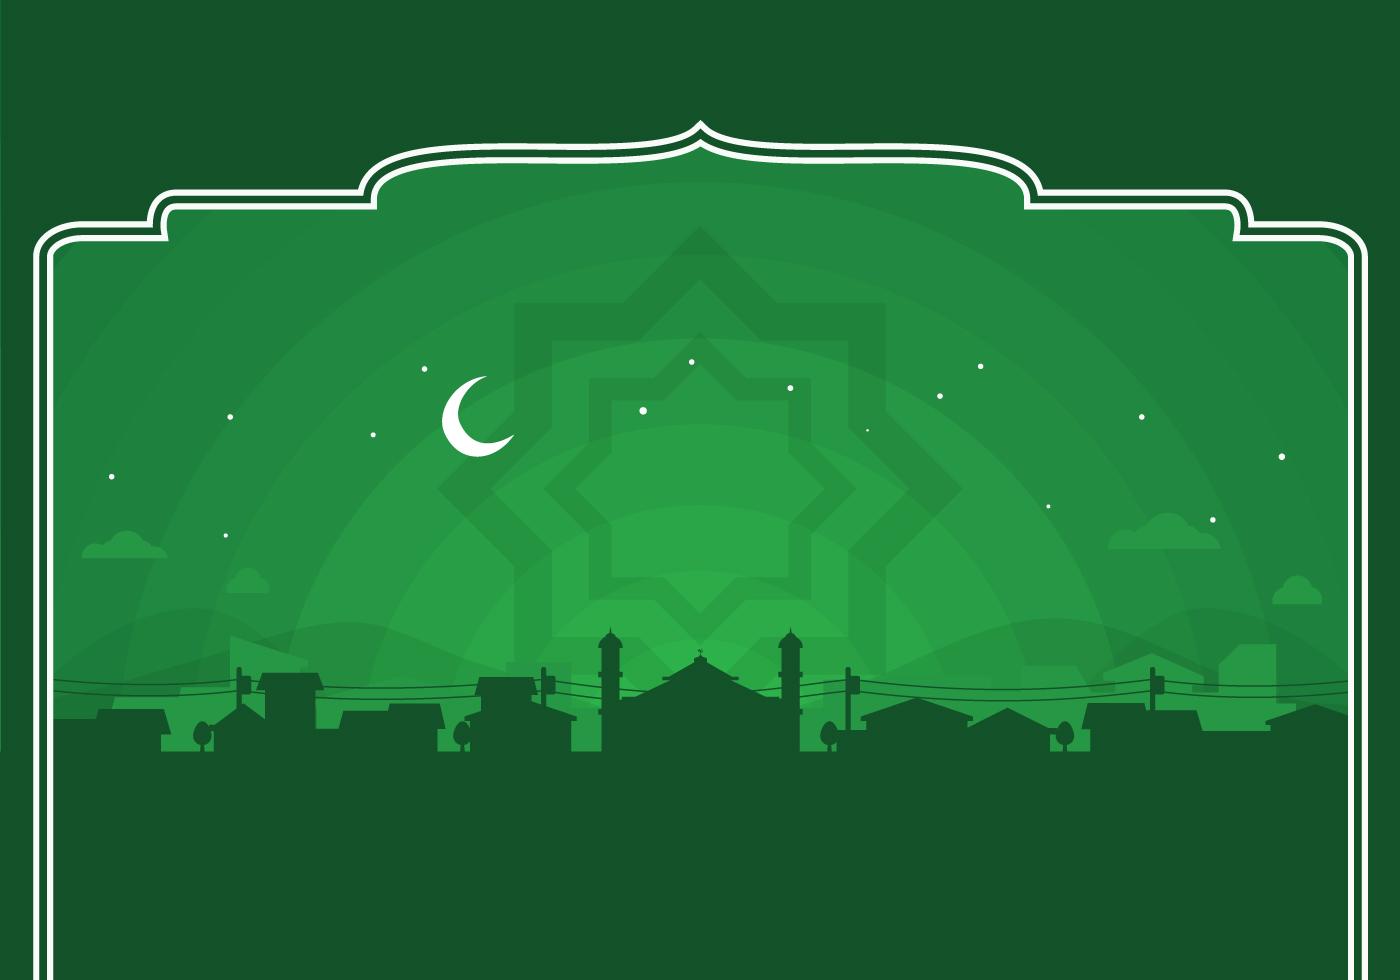 Kumpulan Contoh Background Banner Idul Fitri Png Terbaru Model